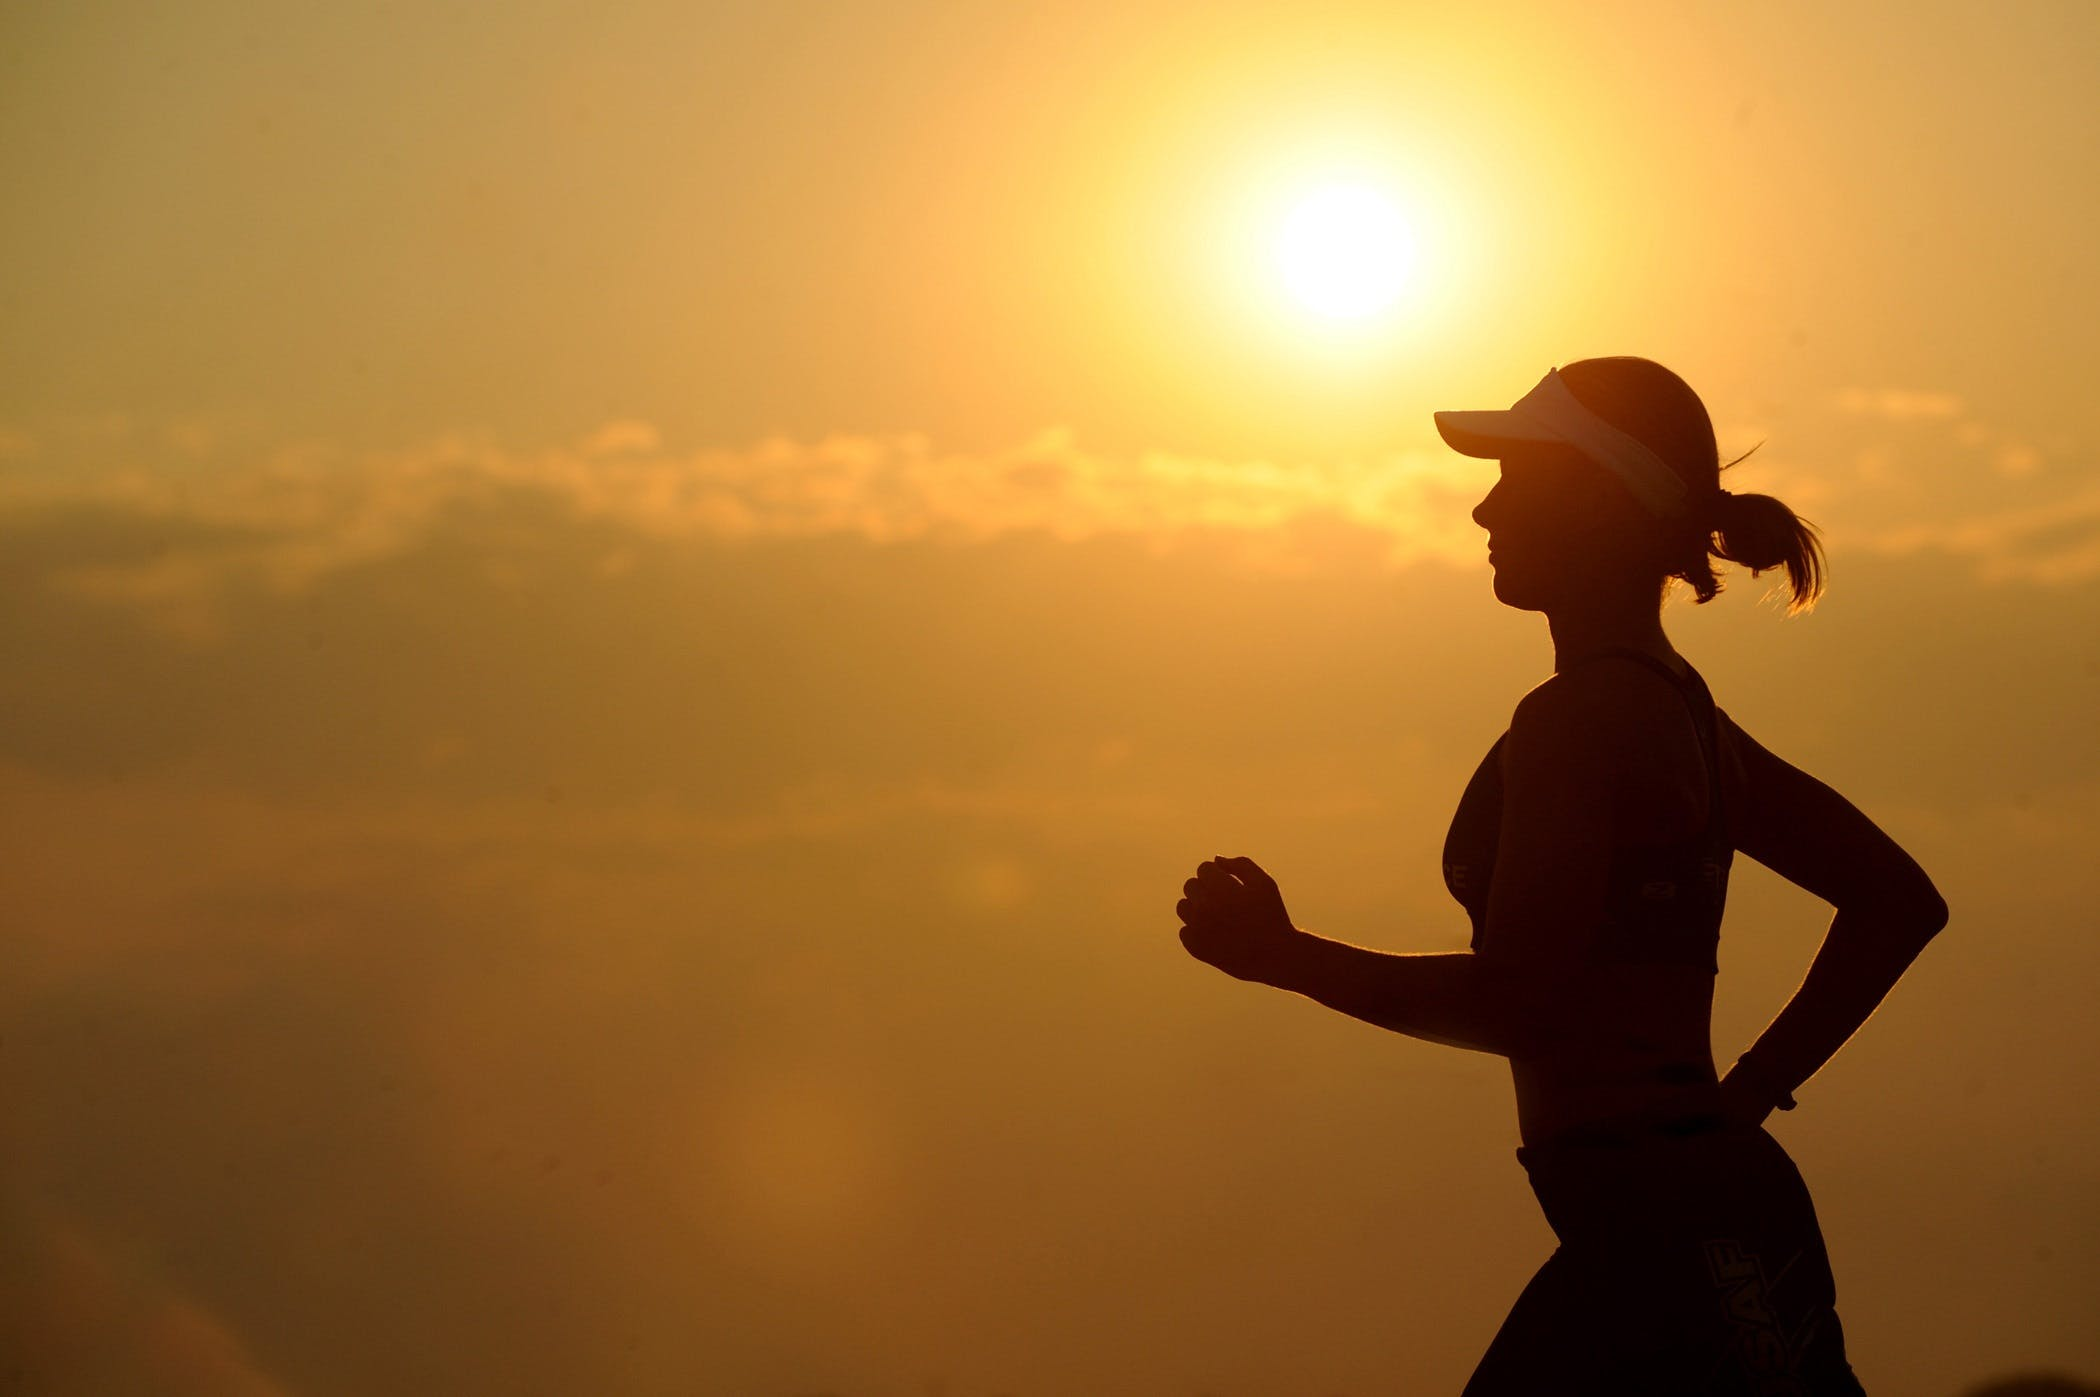 dayanıklılık, dişi, Fitness, gün batımı içeren Ücretsiz stok fotoğraf